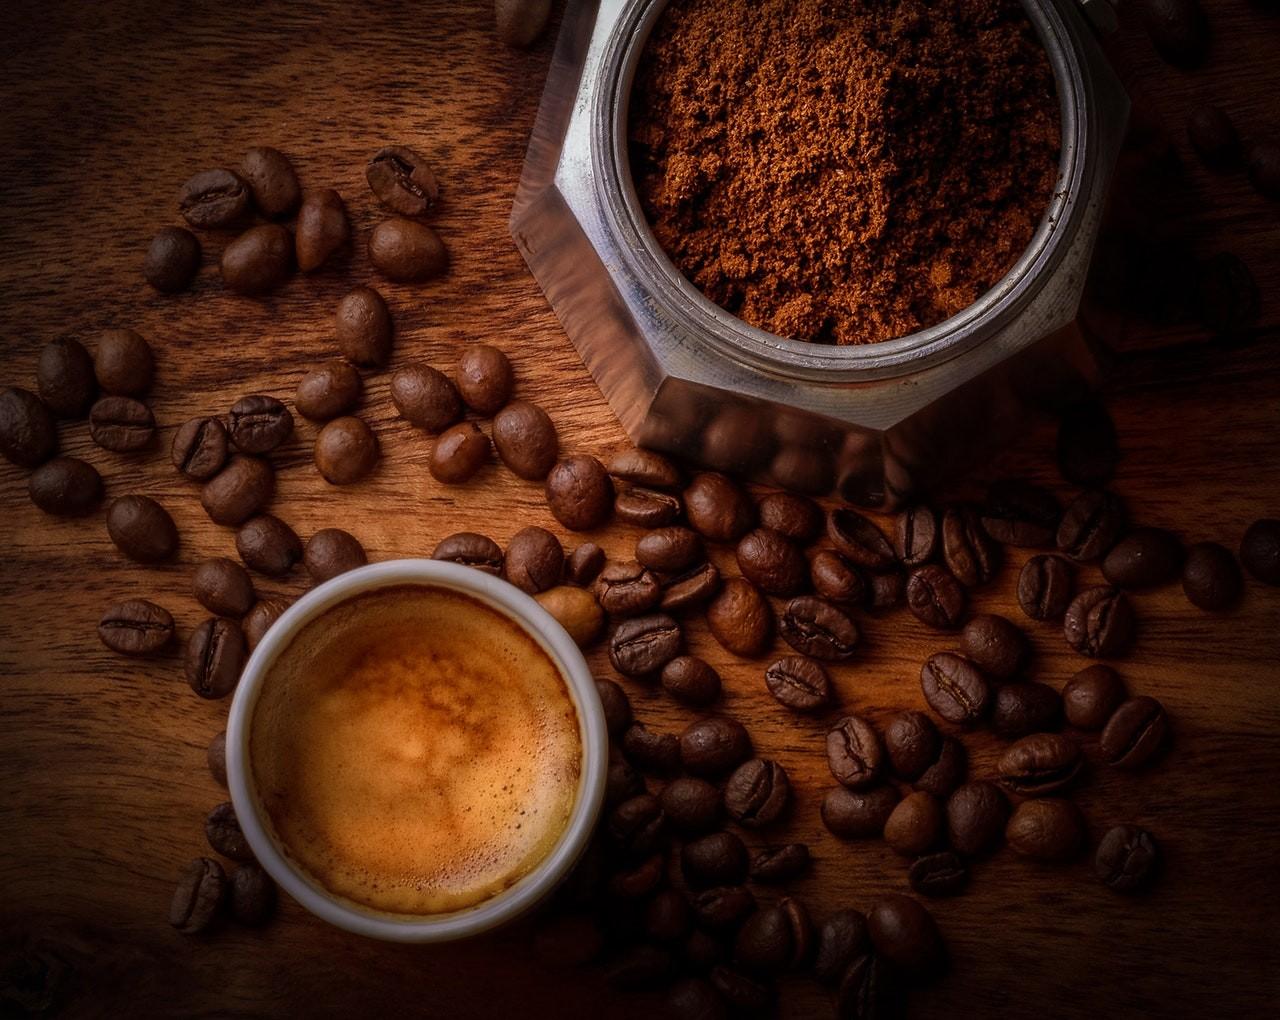 Gutes Kaffeepulver besteht aus hochwertigen Bohnen.